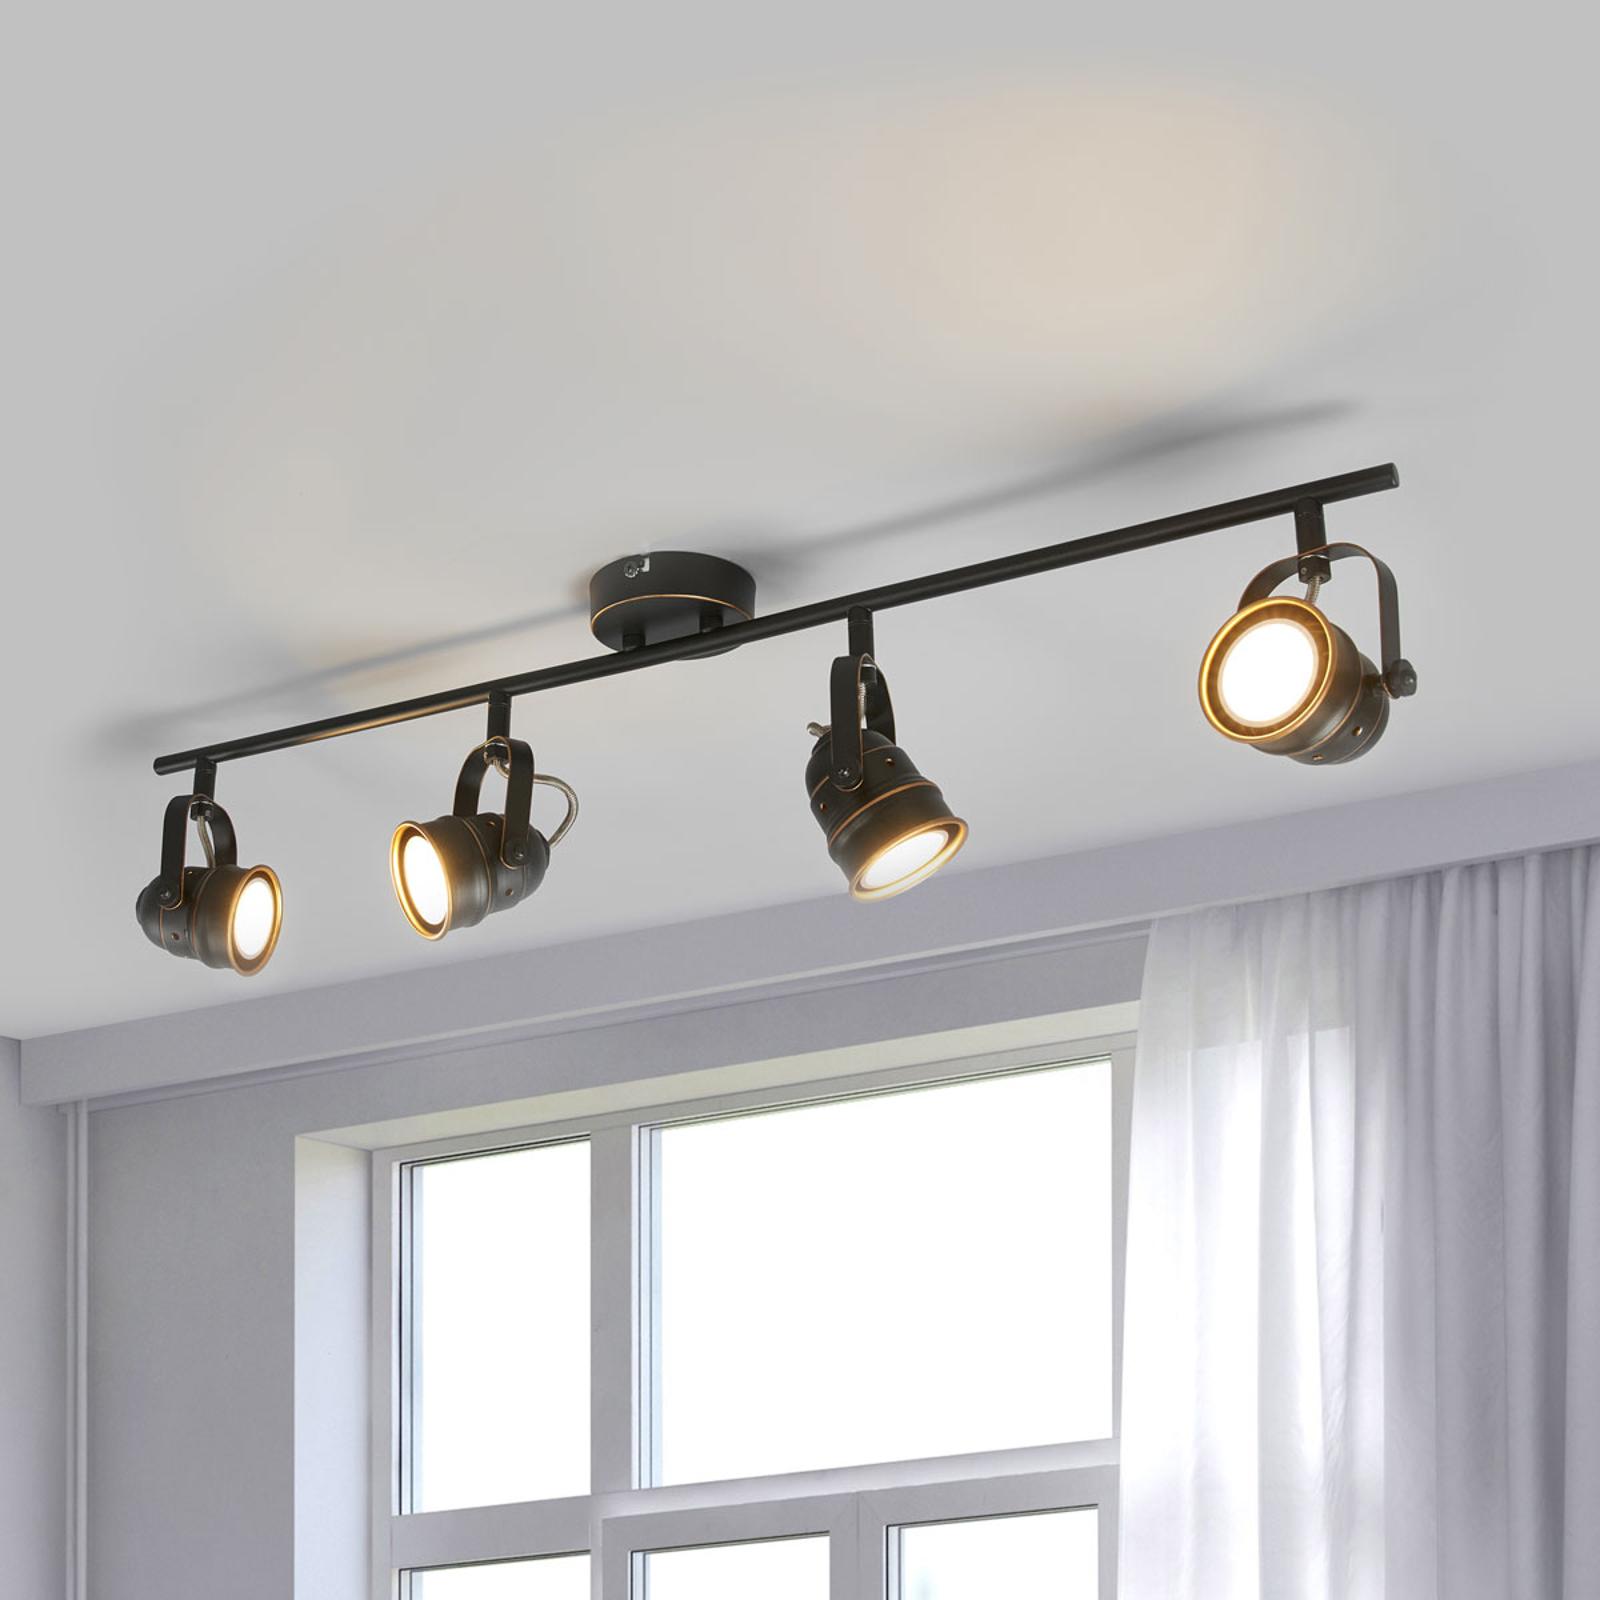 Plafonnier LED Leonor à 4 lampes, noir doré